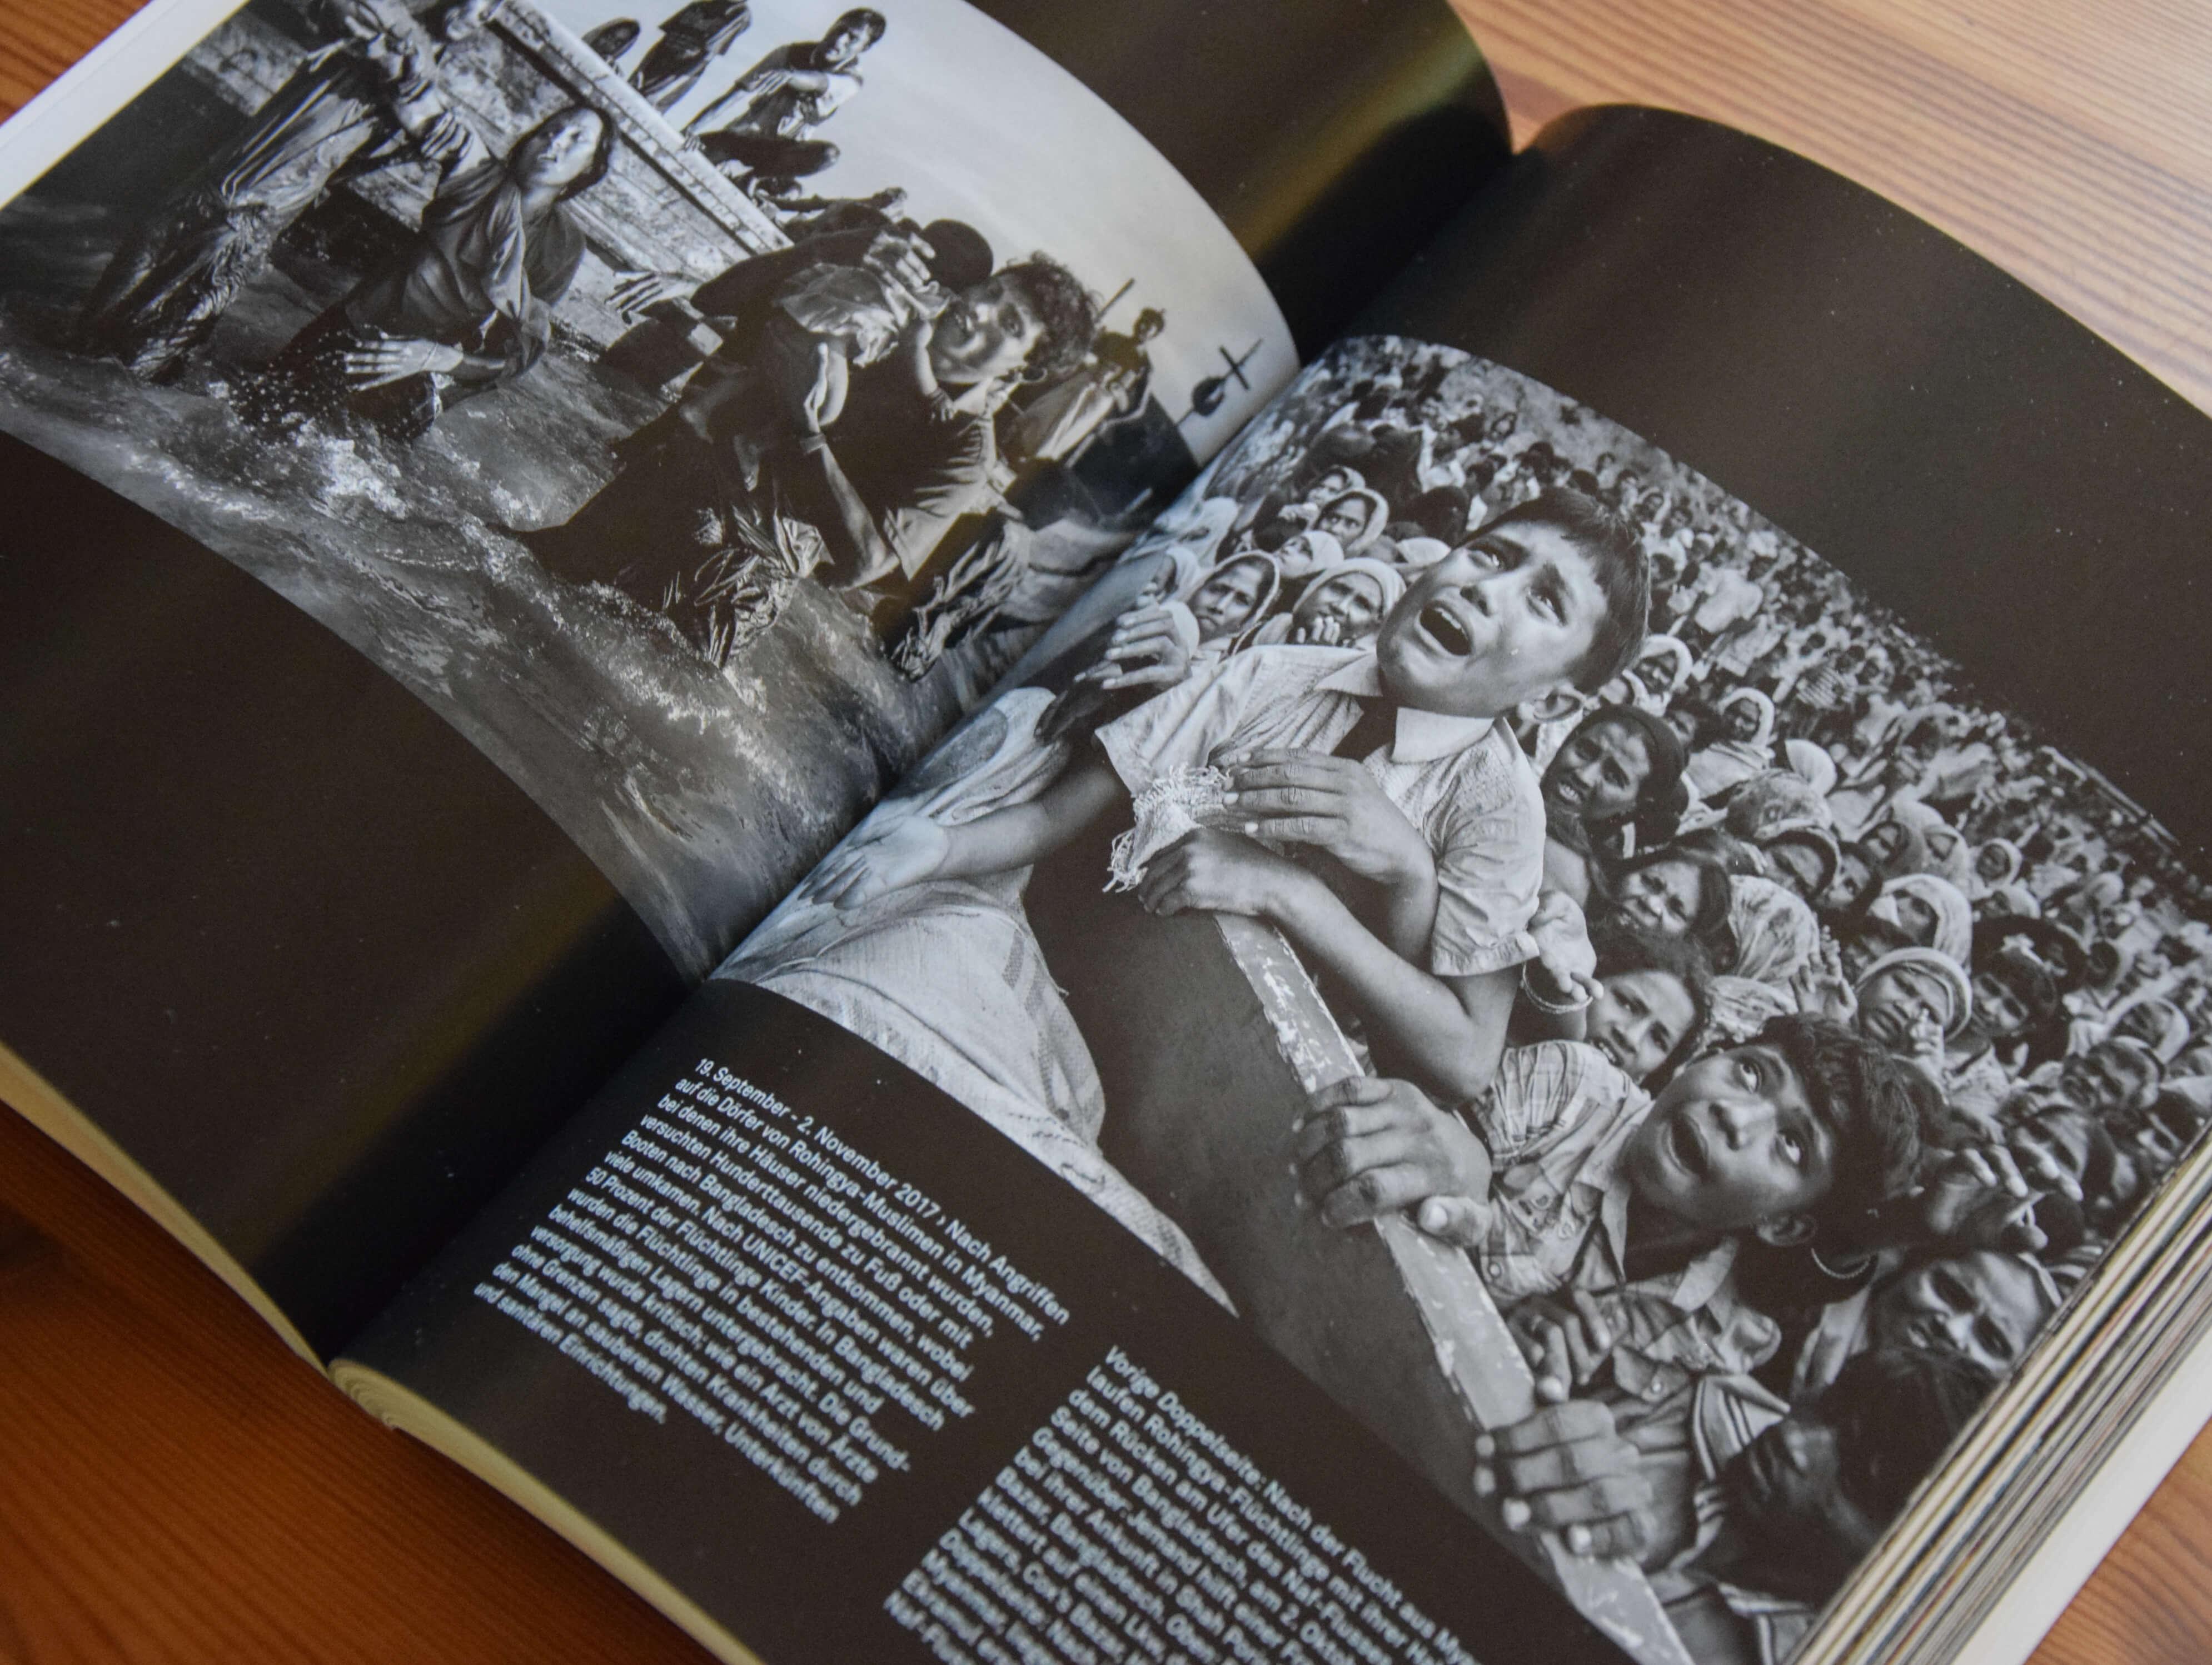 Für seine Bilder über die Rohingya wurde Kevin Frayer ausgezeichnet (Foto: Lisa Knoll)